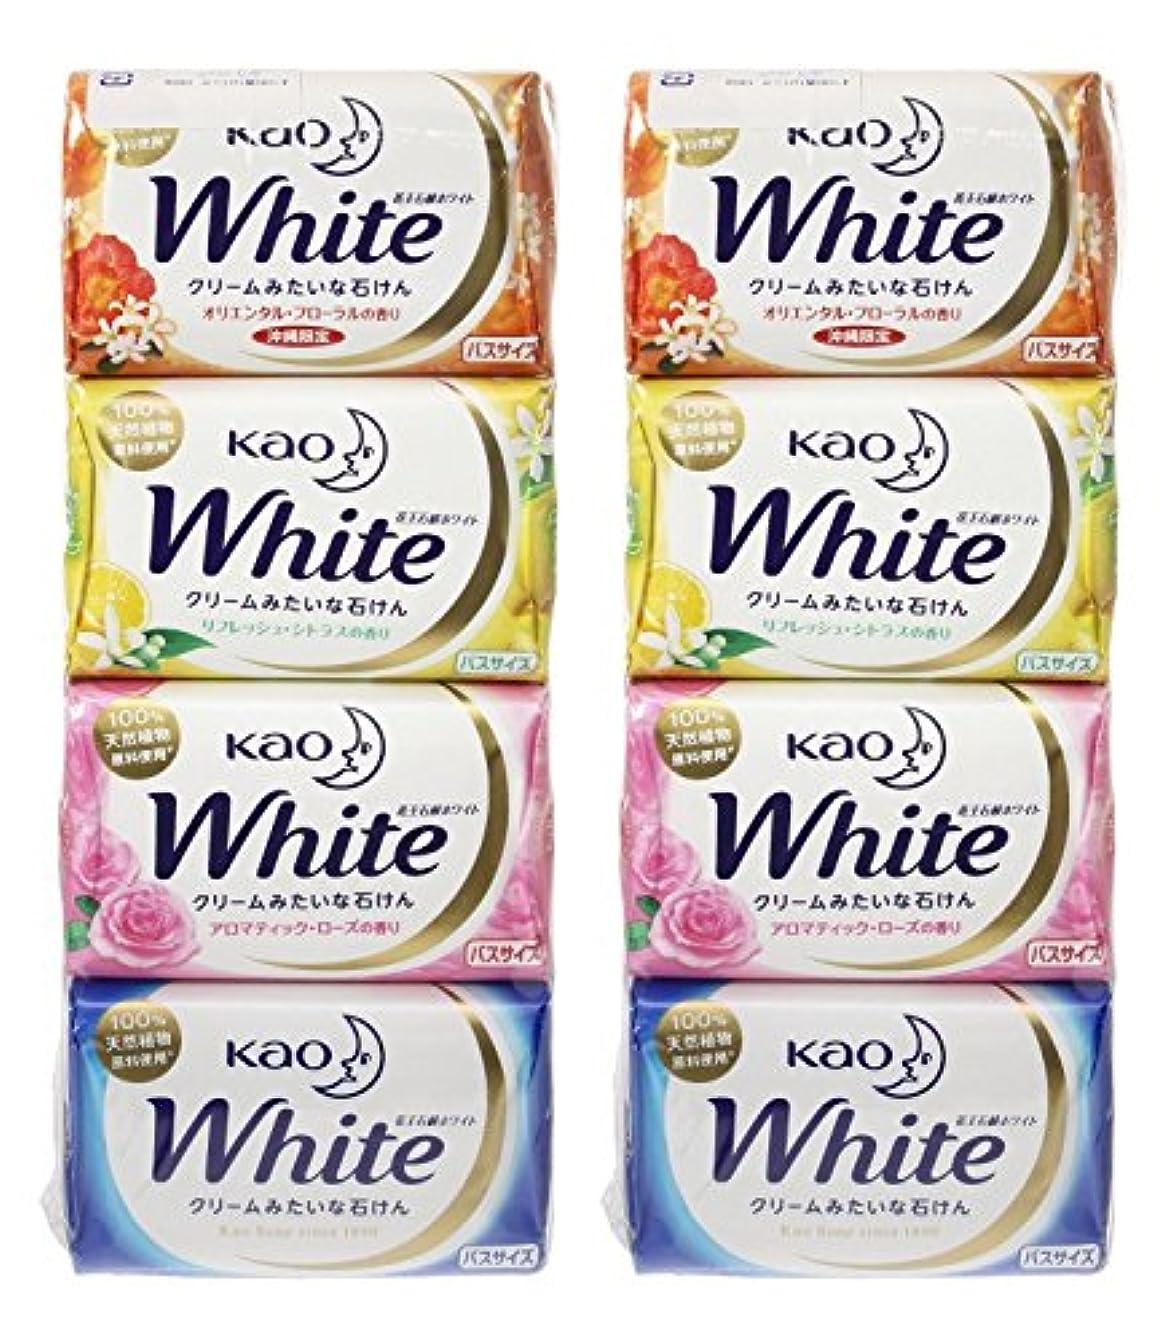 軍隊不快なロール花王ホワイト 香りアソートパック バス12個×2